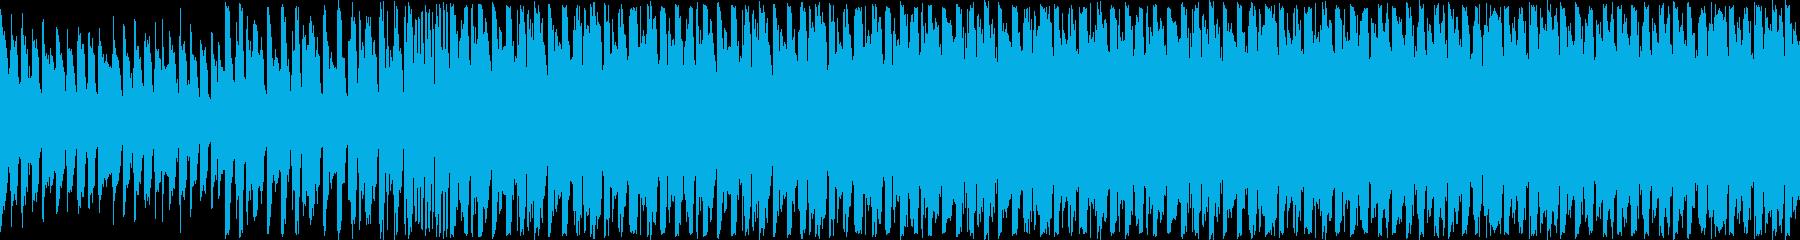 ピアノとバイオリンの爽快さのあるループ曲の再生済みの波形